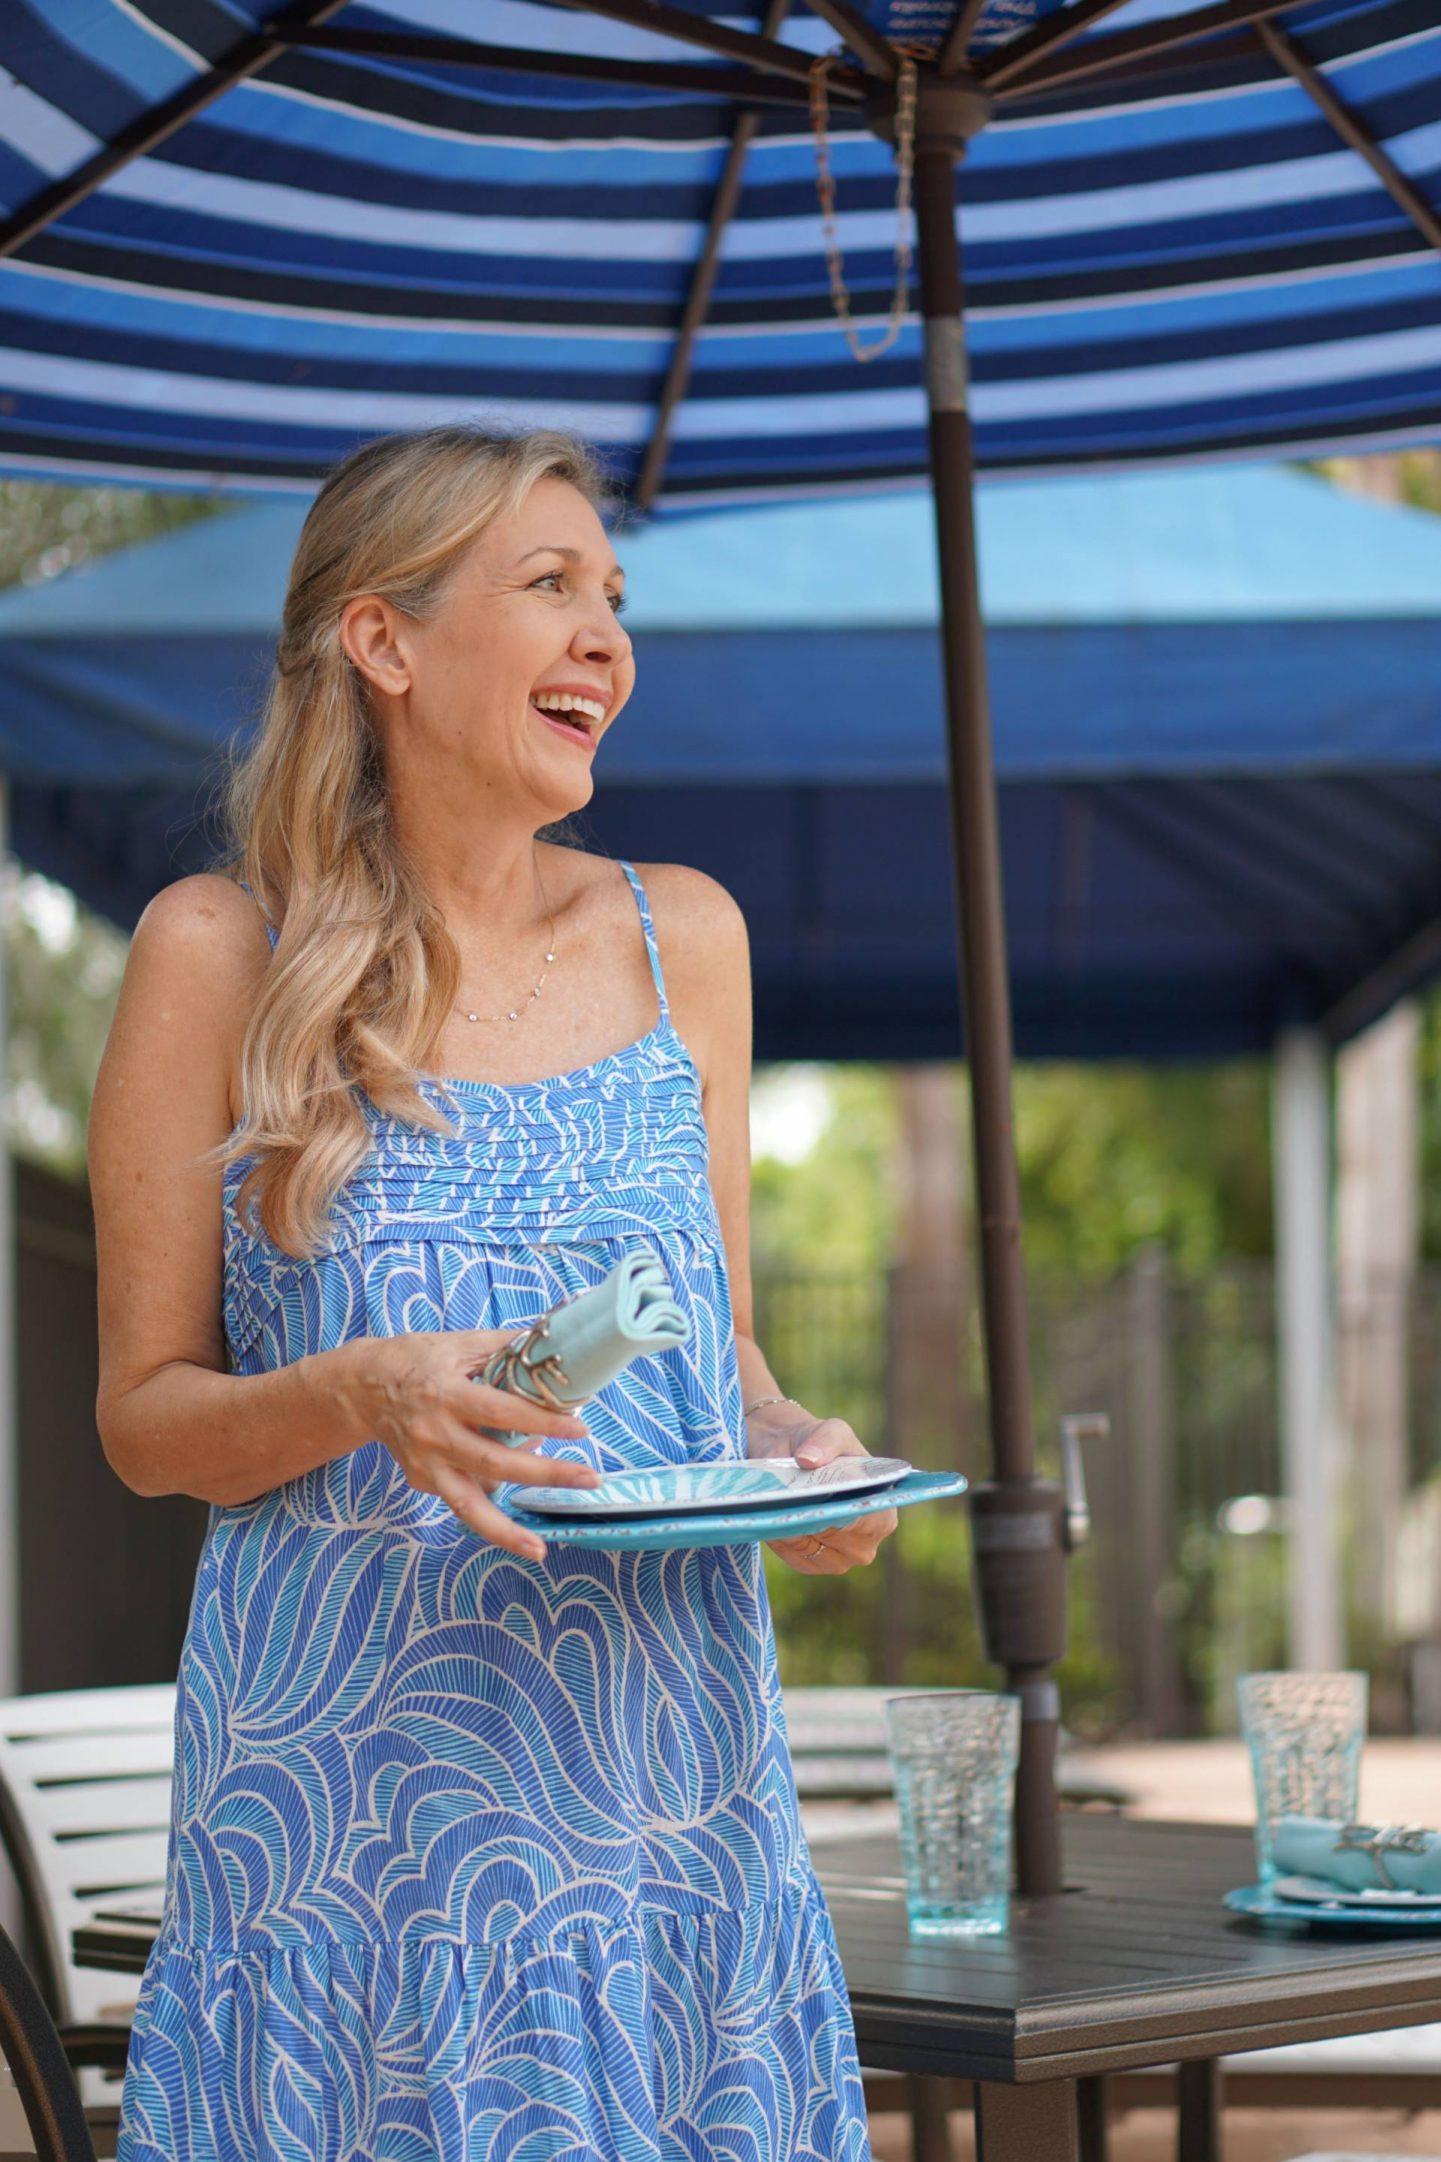 Sizzlin' Backyard BBQ Style, Nina, Sharing a Journey